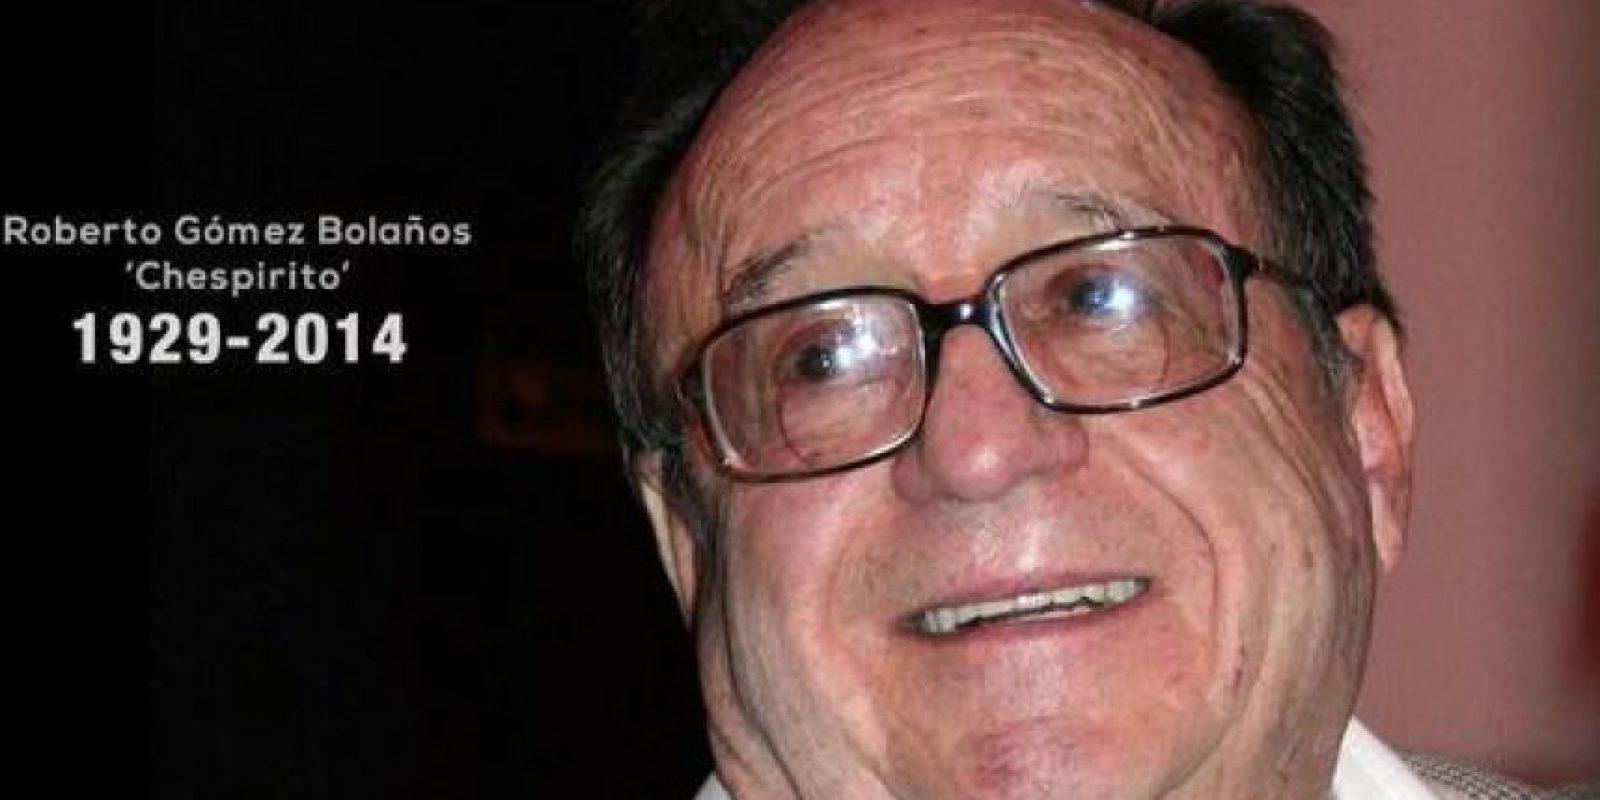 """ROBERTO GÓMEZ BOLAÑOS """"CHESPIRITO"""" (85 años), actor cómico, dramaturgo, escritor, director y productor mexicano. Marcó a varias generaciones de niños latinoamericanos con personajes como """"El Chavo del ocho"""" o el """"Chapulín colorado"""". Foto:Publinews"""